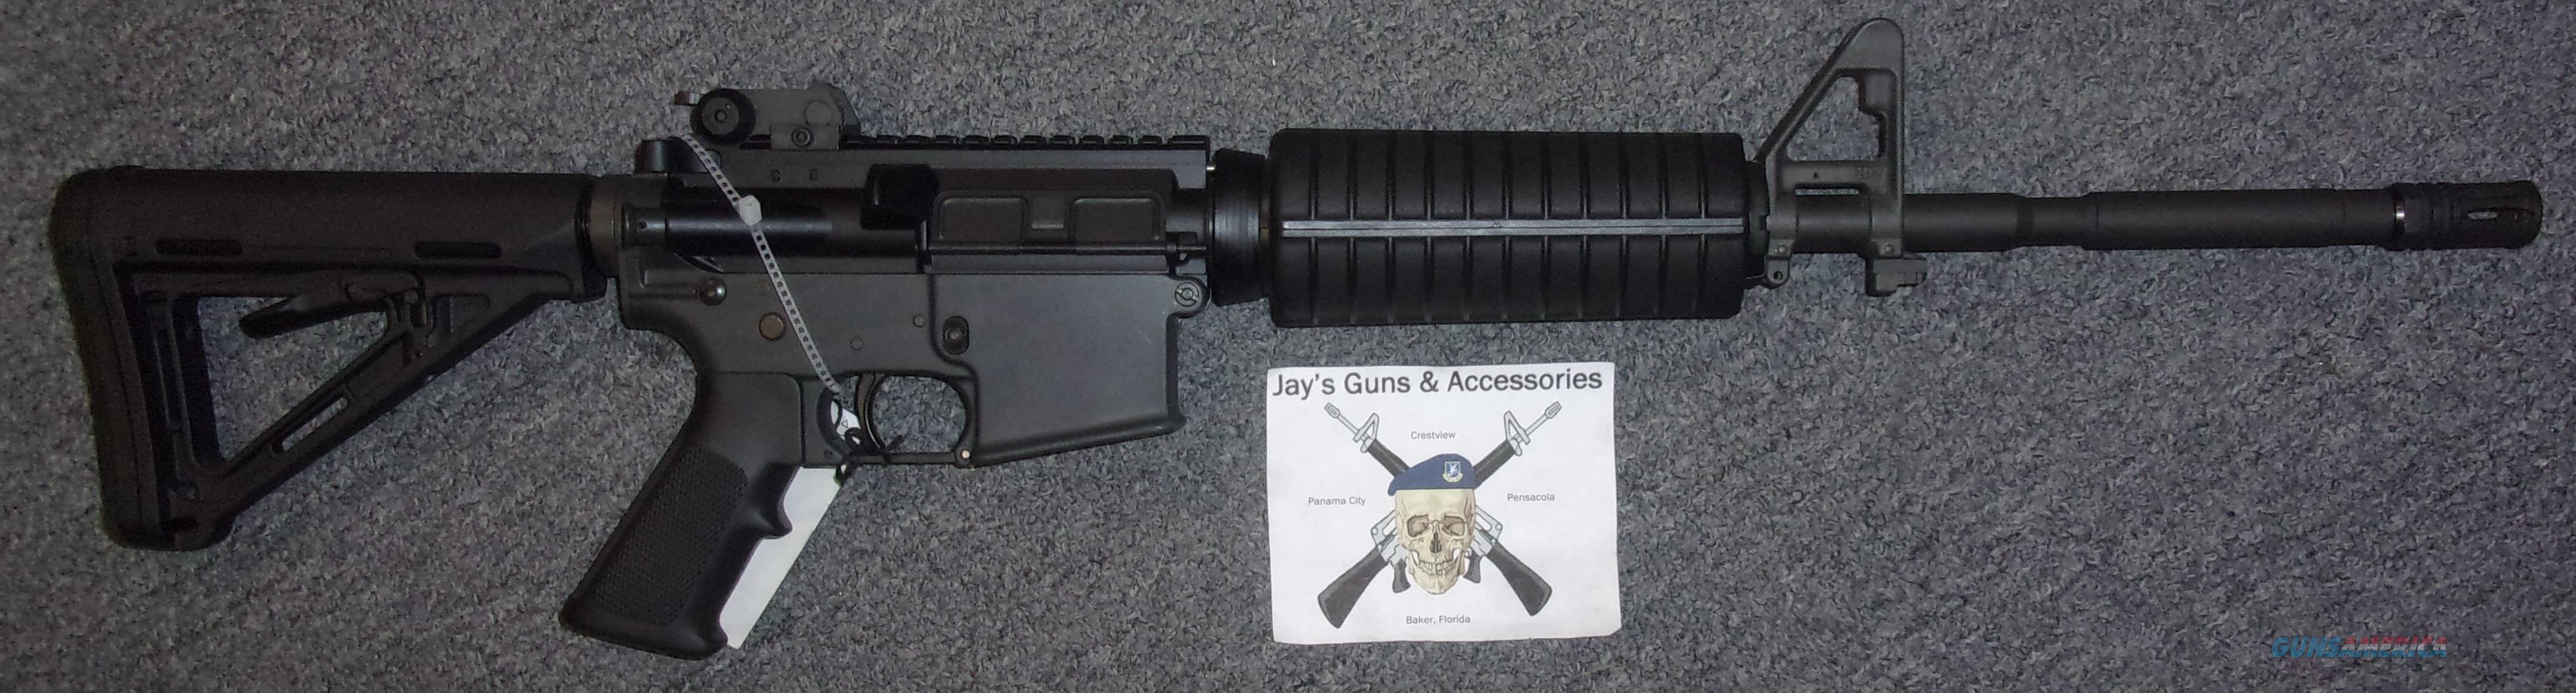 Colt Sporter Match HBAR Pre-Ban  Guns > Rifles > Colt Military/Tactical Rifles